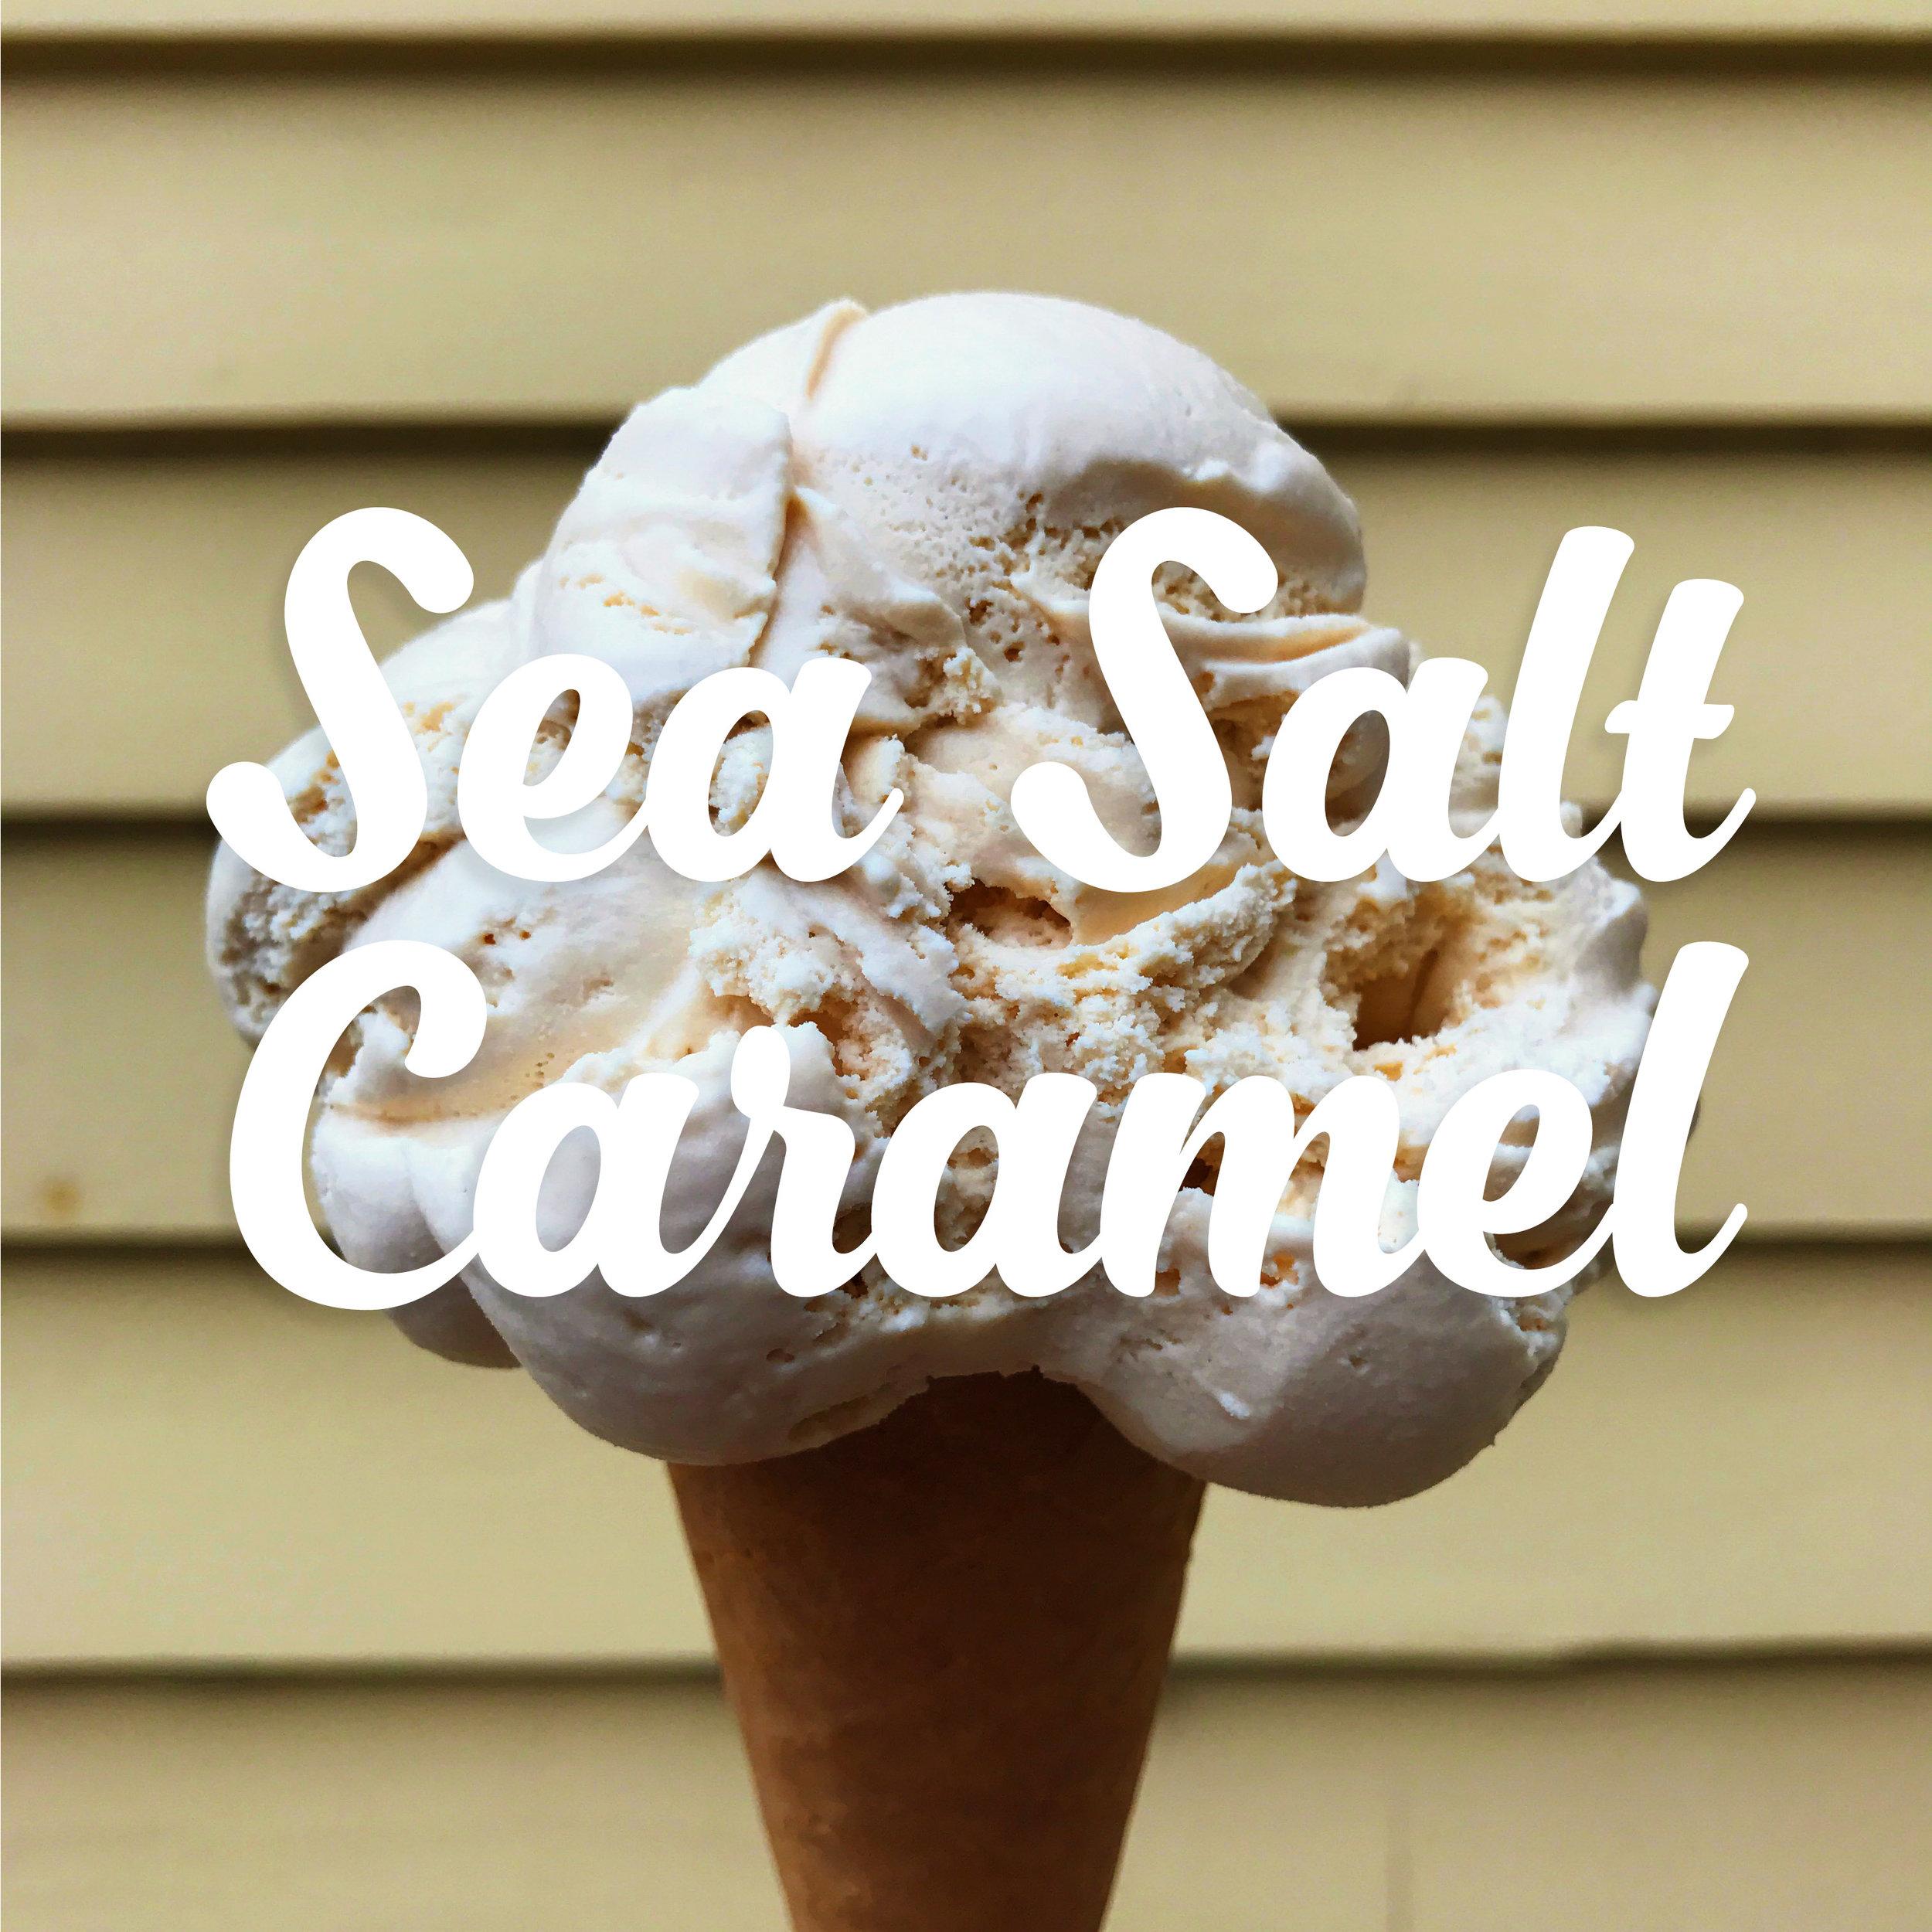 Sea Salt Caramel.jpg